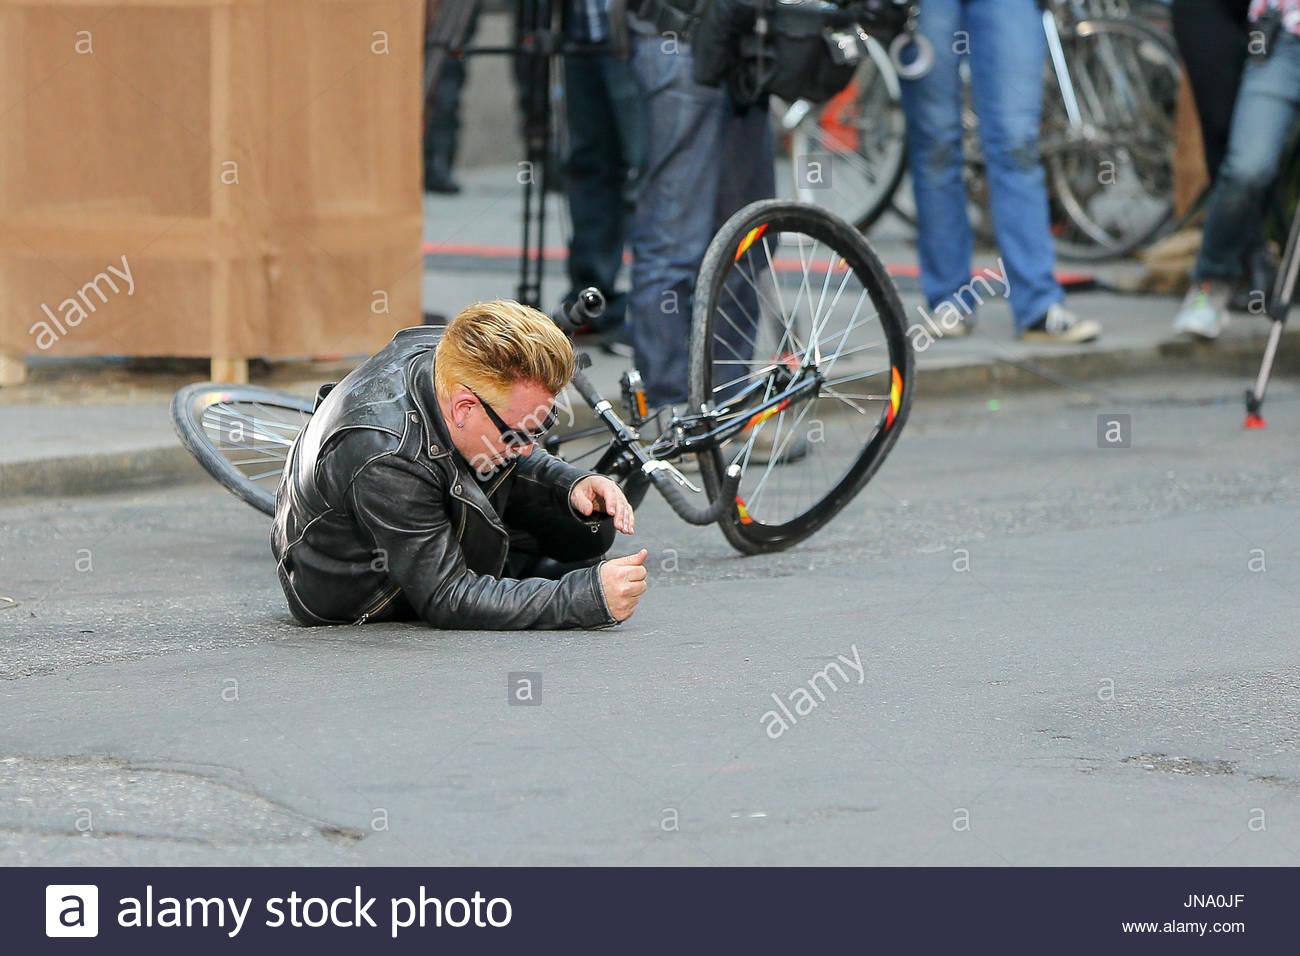 Bono. Bono Filme Fahrrad Unfall Szenen für \